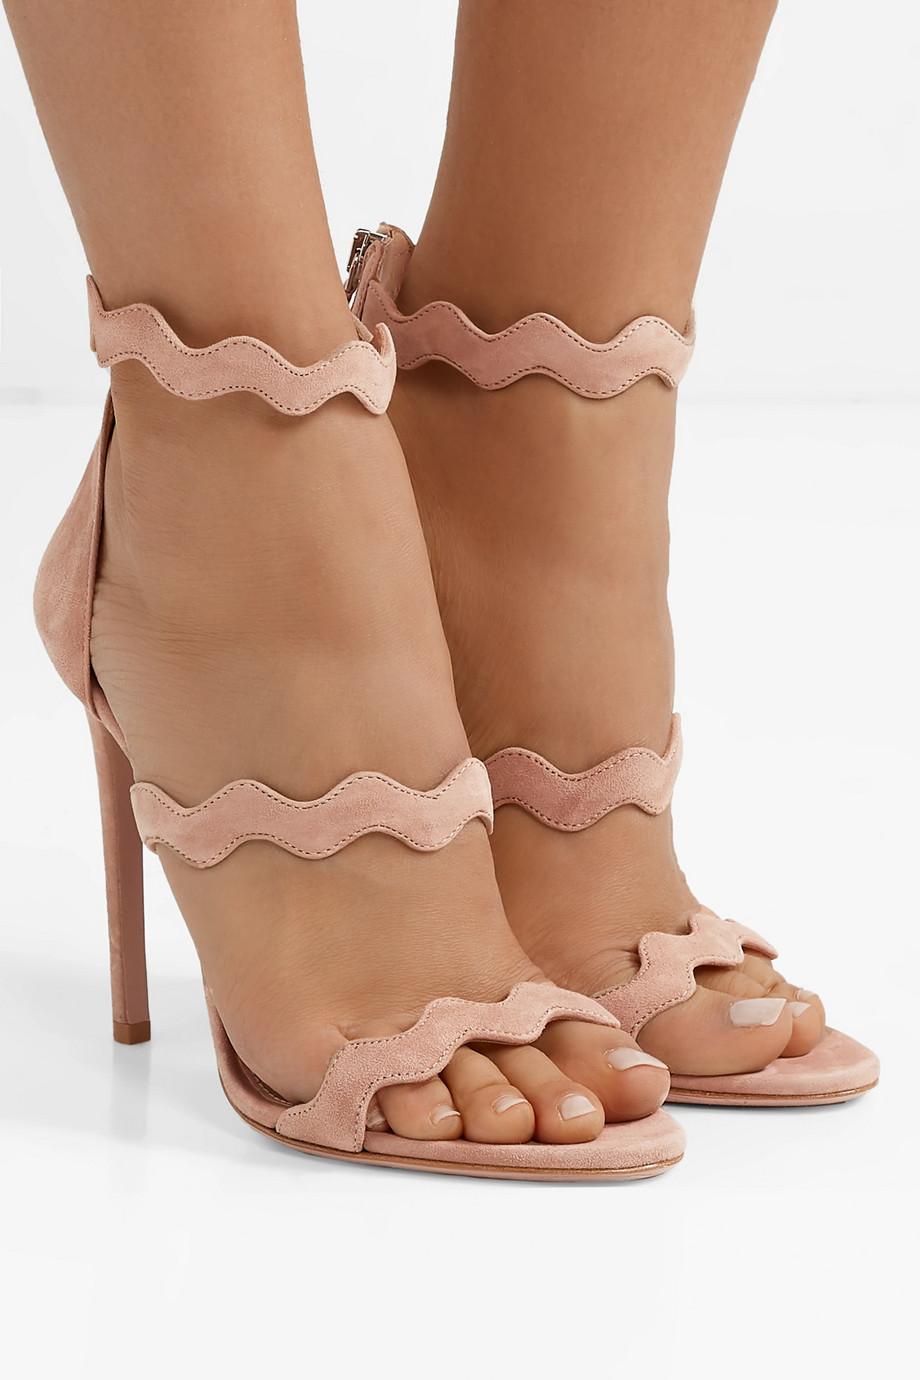 Prada 115 scalloped suede sandals